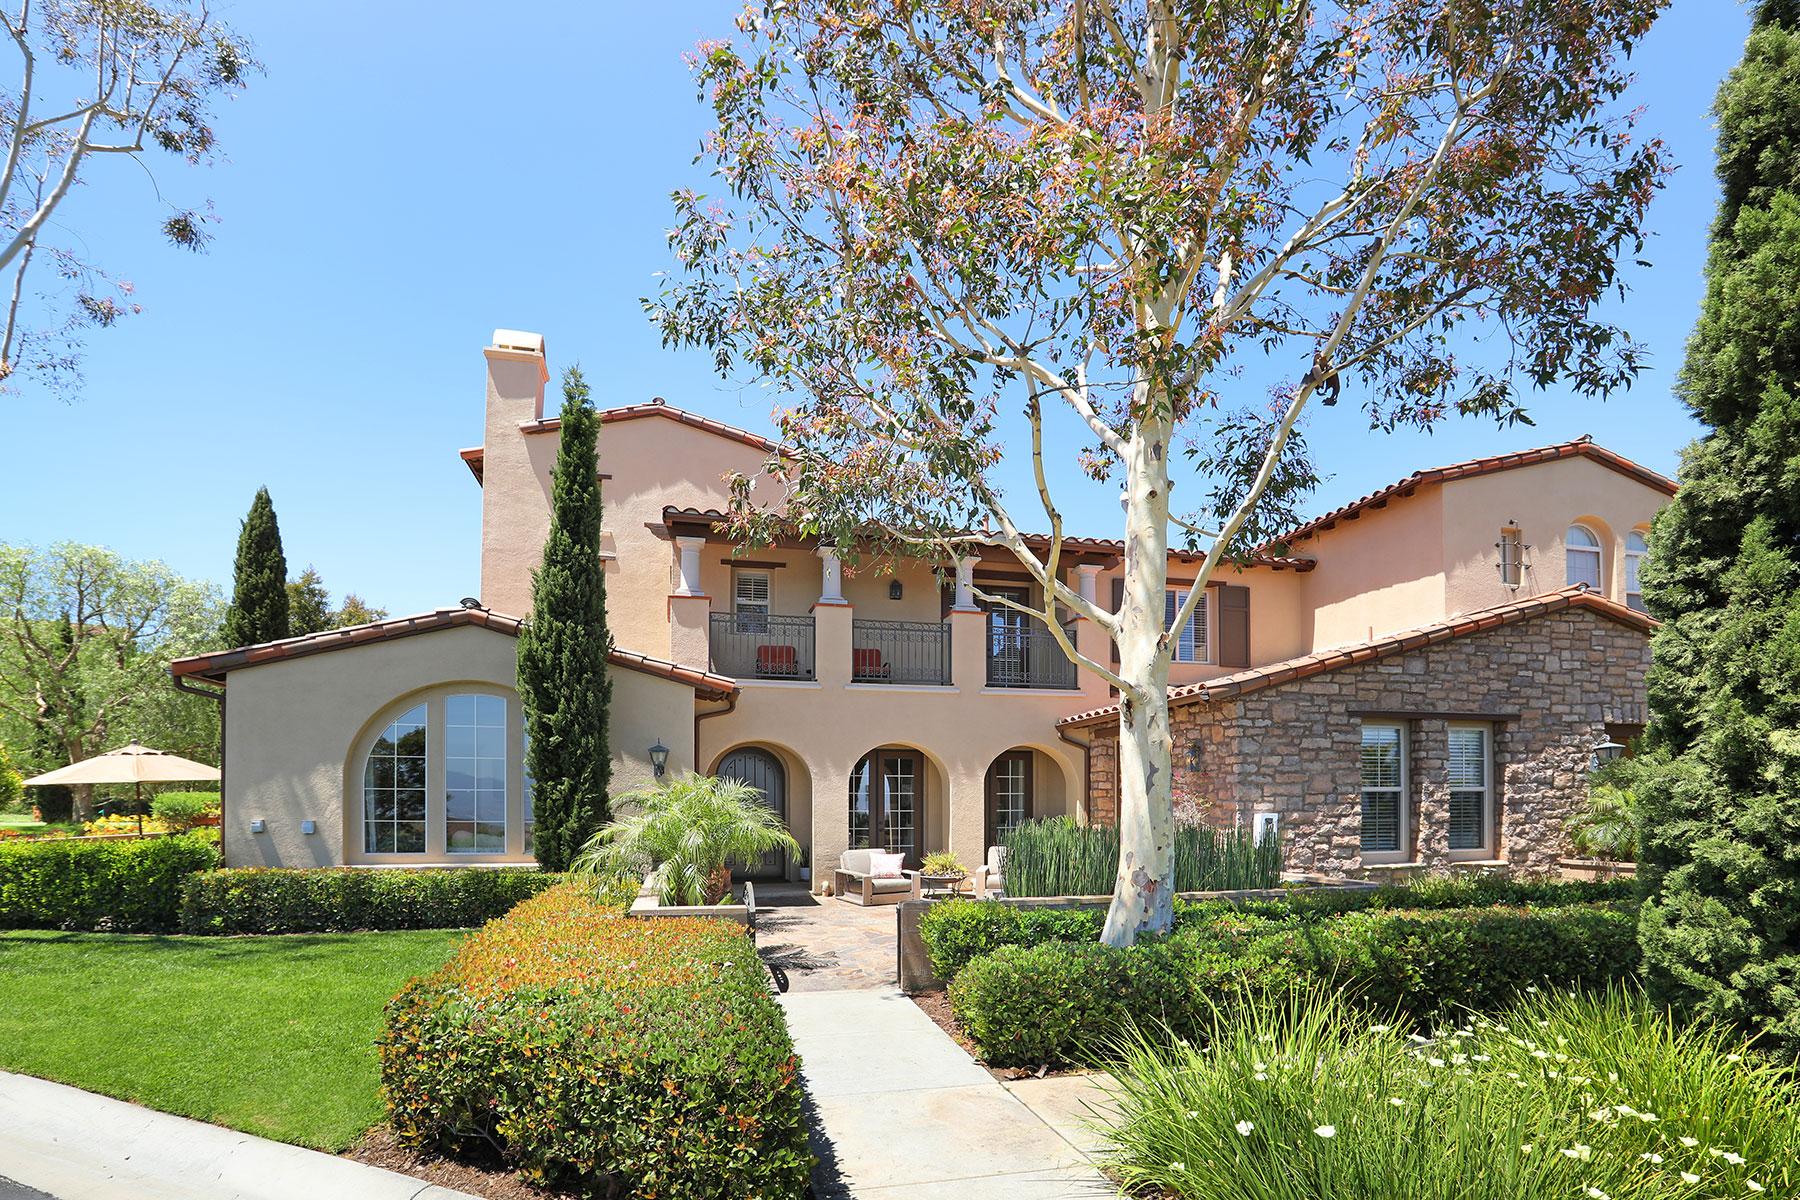 단독 가정 주택 용 매매 에 10 San Sovino Newport Coast, 캘리포니아, 92657 미국